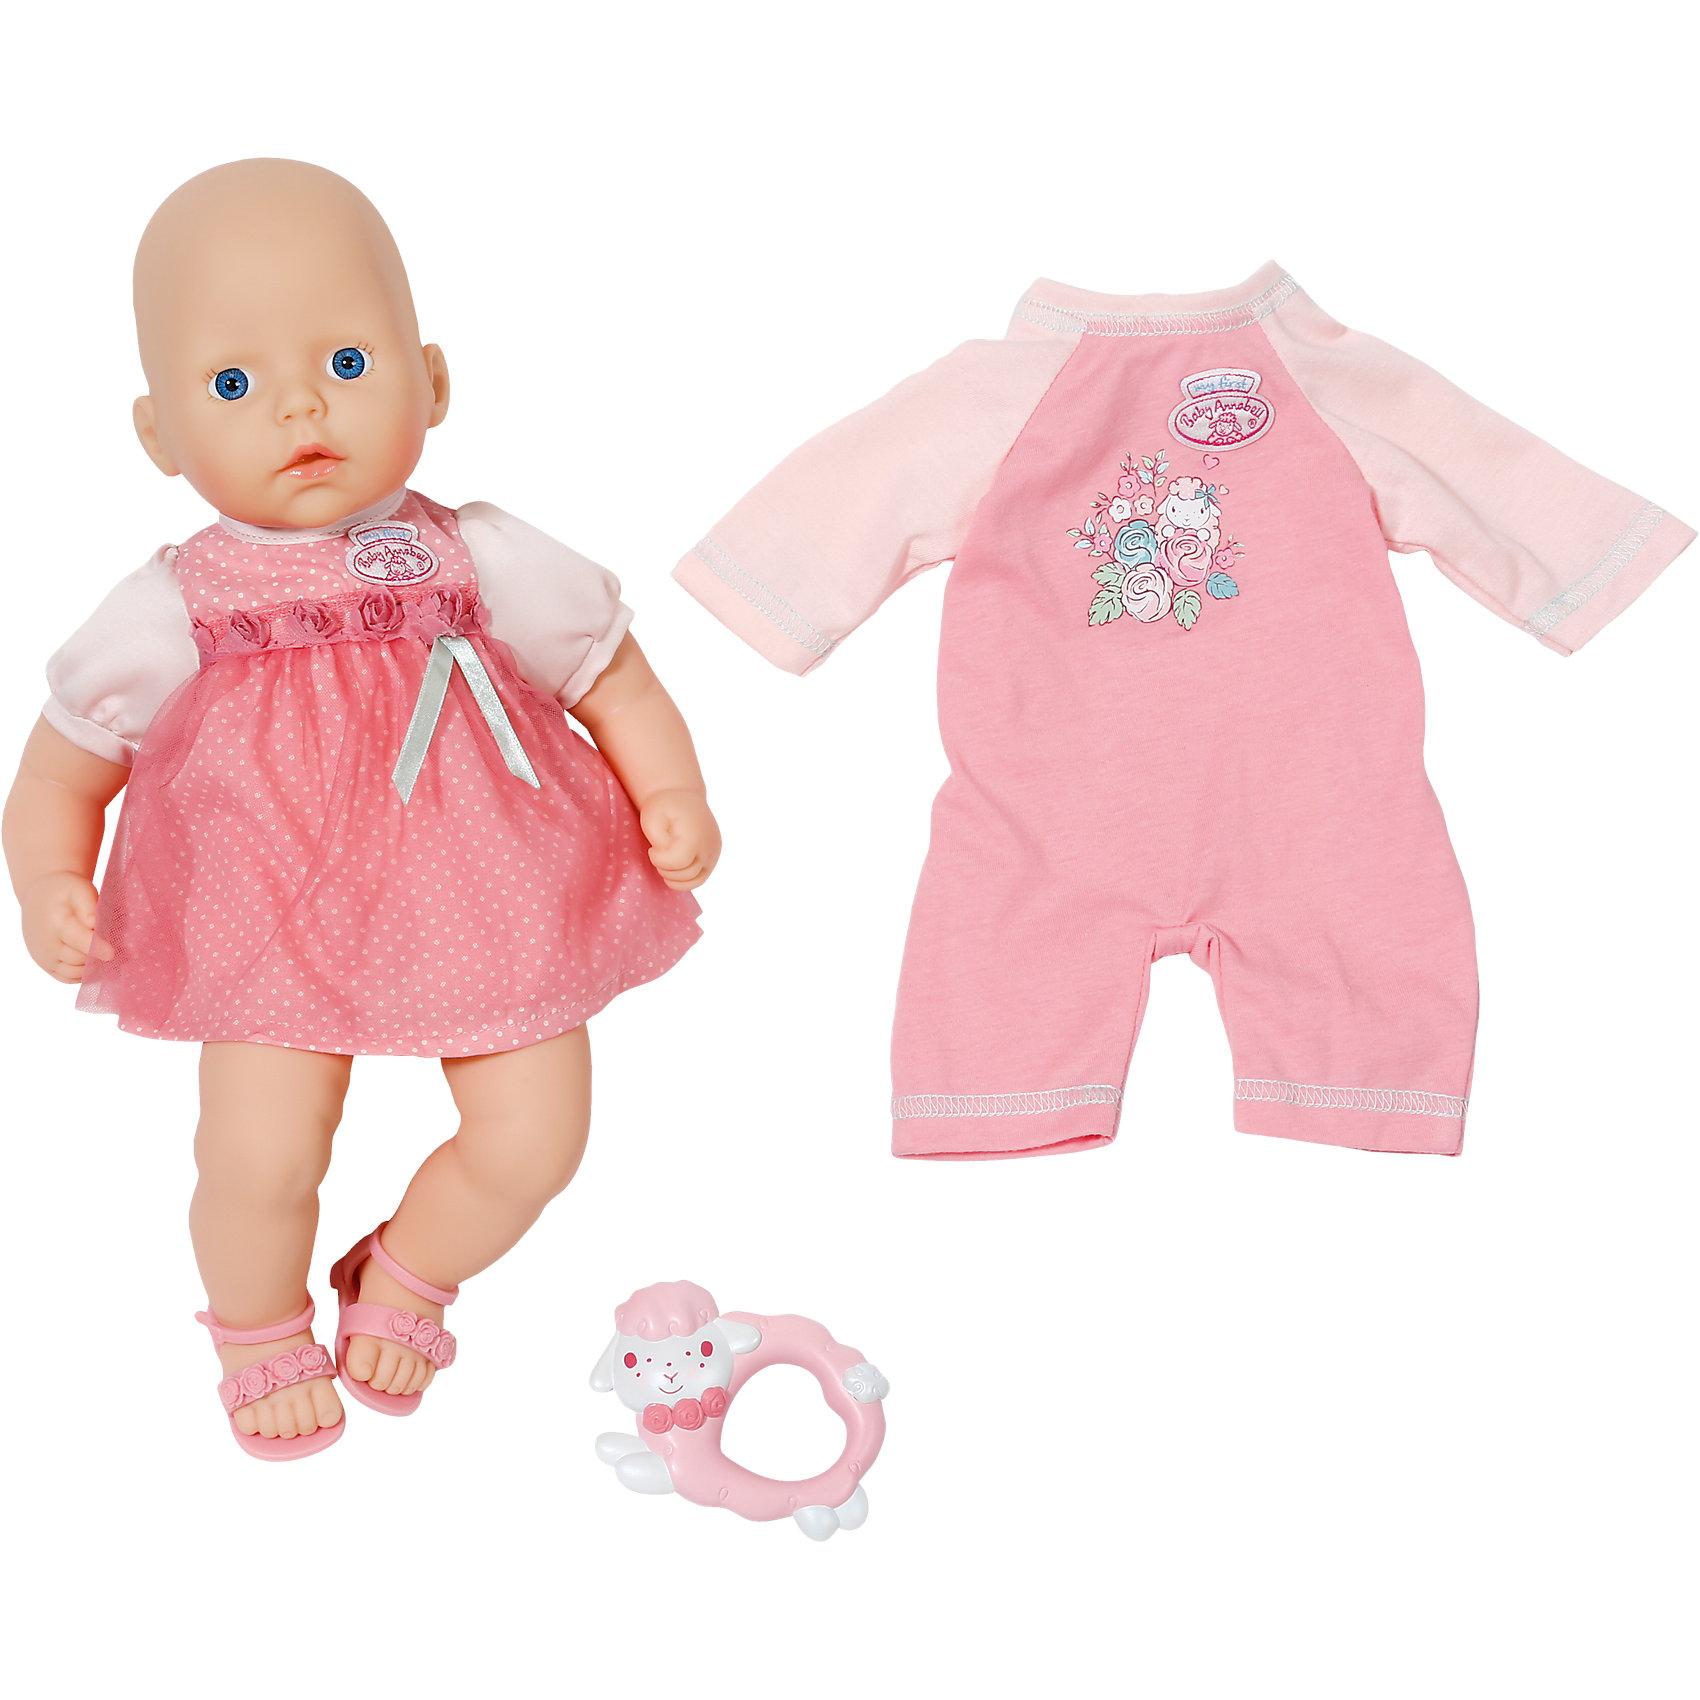 Кукла с дополнительным набором одежды, 36 см, my first Baby AnnabellДевочки придут в восторг от такой очаровательной куколки! Приветливое личико куклы и большие голубые глаза создают впечатление, что новорождённая малышка настоящая! Ручки и ножки пупса сделаны из мягкого, качественного пластика, повторяющего текстуру нежной кожи малыша. Малышка Анабель одета в милое розовое платьице, украшенное бантом, на ножках - розовые сандалии. <br><br>Дополнительная информация:<br><br>- Материал: пластик.<br>- Высота куклы: 36 см<br>- Кукла с мягконабивным телом.<br>- Комплектация: кукла в одежде, погремушка, дополнительный набор одежды ( розовый комбинезон)<br><br>Куклу с дополнительным набором одежды, 36 см, my first Baby Annabell (Беби Анабель), можно купить в нашем магазине.<br><br>Ширина мм: 364<br>Глубина мм: 286<br>Высота мм: 147<br>Вес г: 752<br>Возраст от месяцев: 12<br>Возраст до месяцев: 36<br>Пол: Женский<br>Возраст: Детский<br>SKU: 4319340